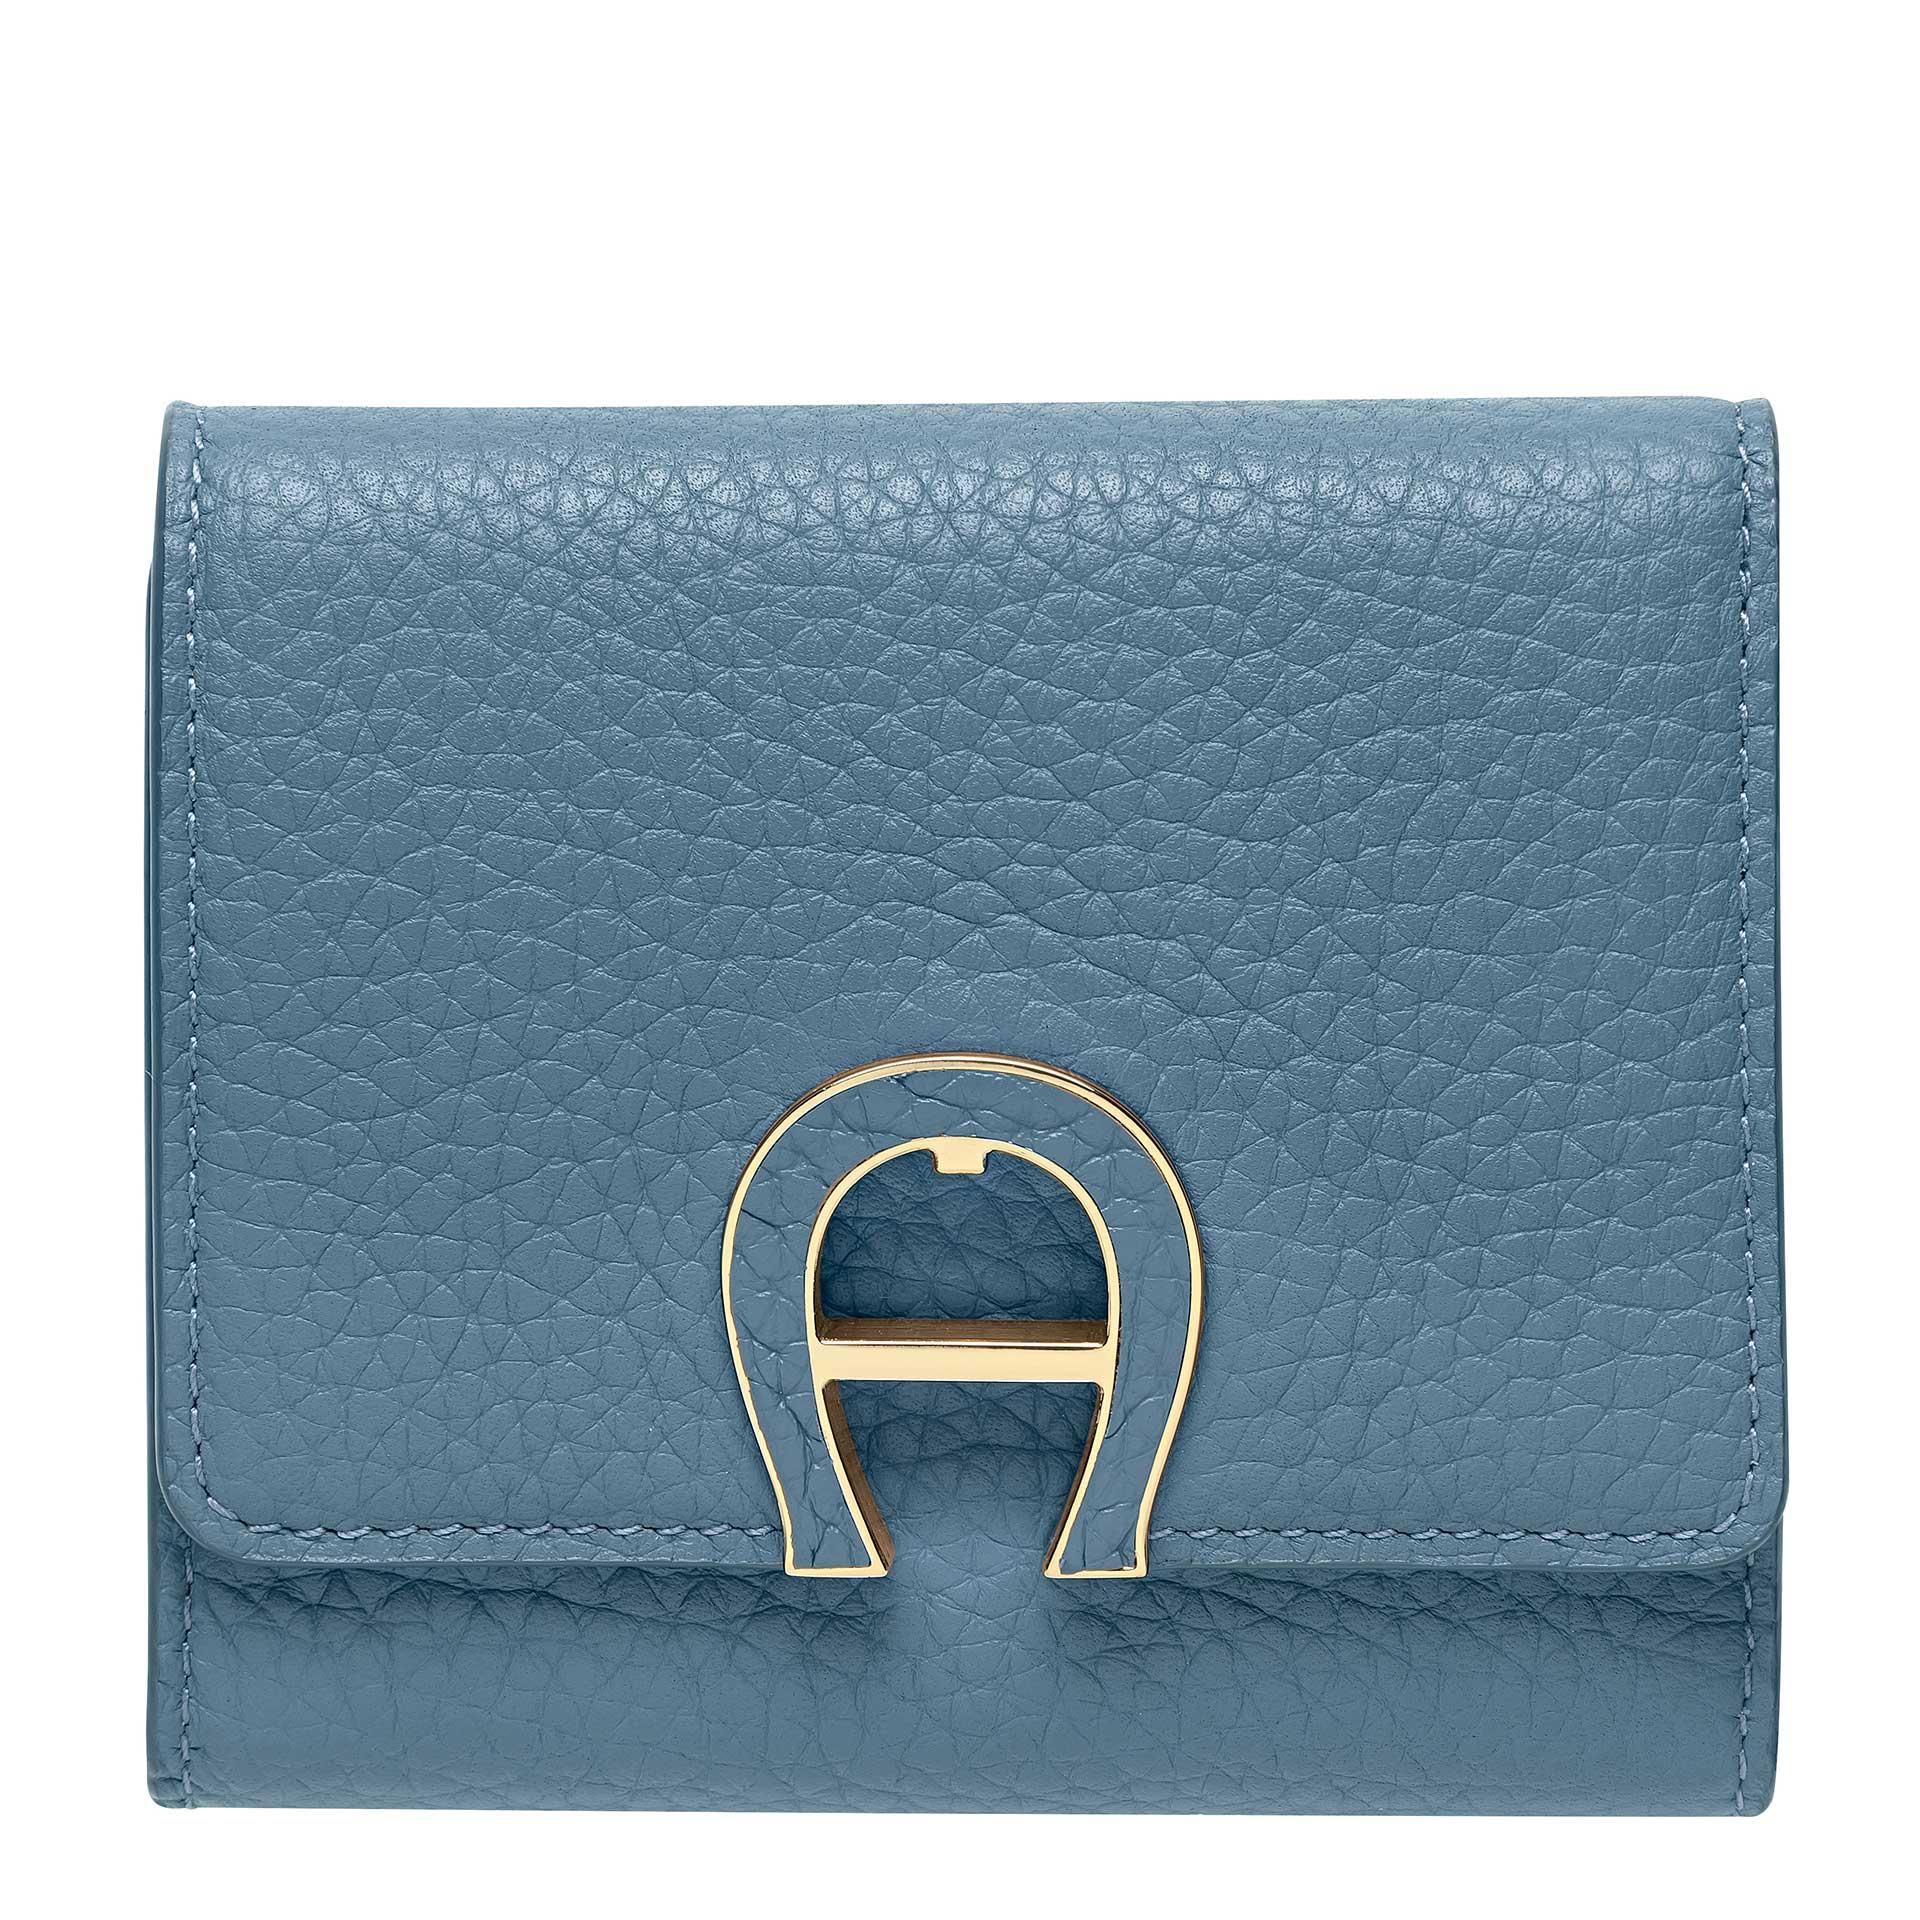 Aigner Milano Damen Geldbörse dusk blue